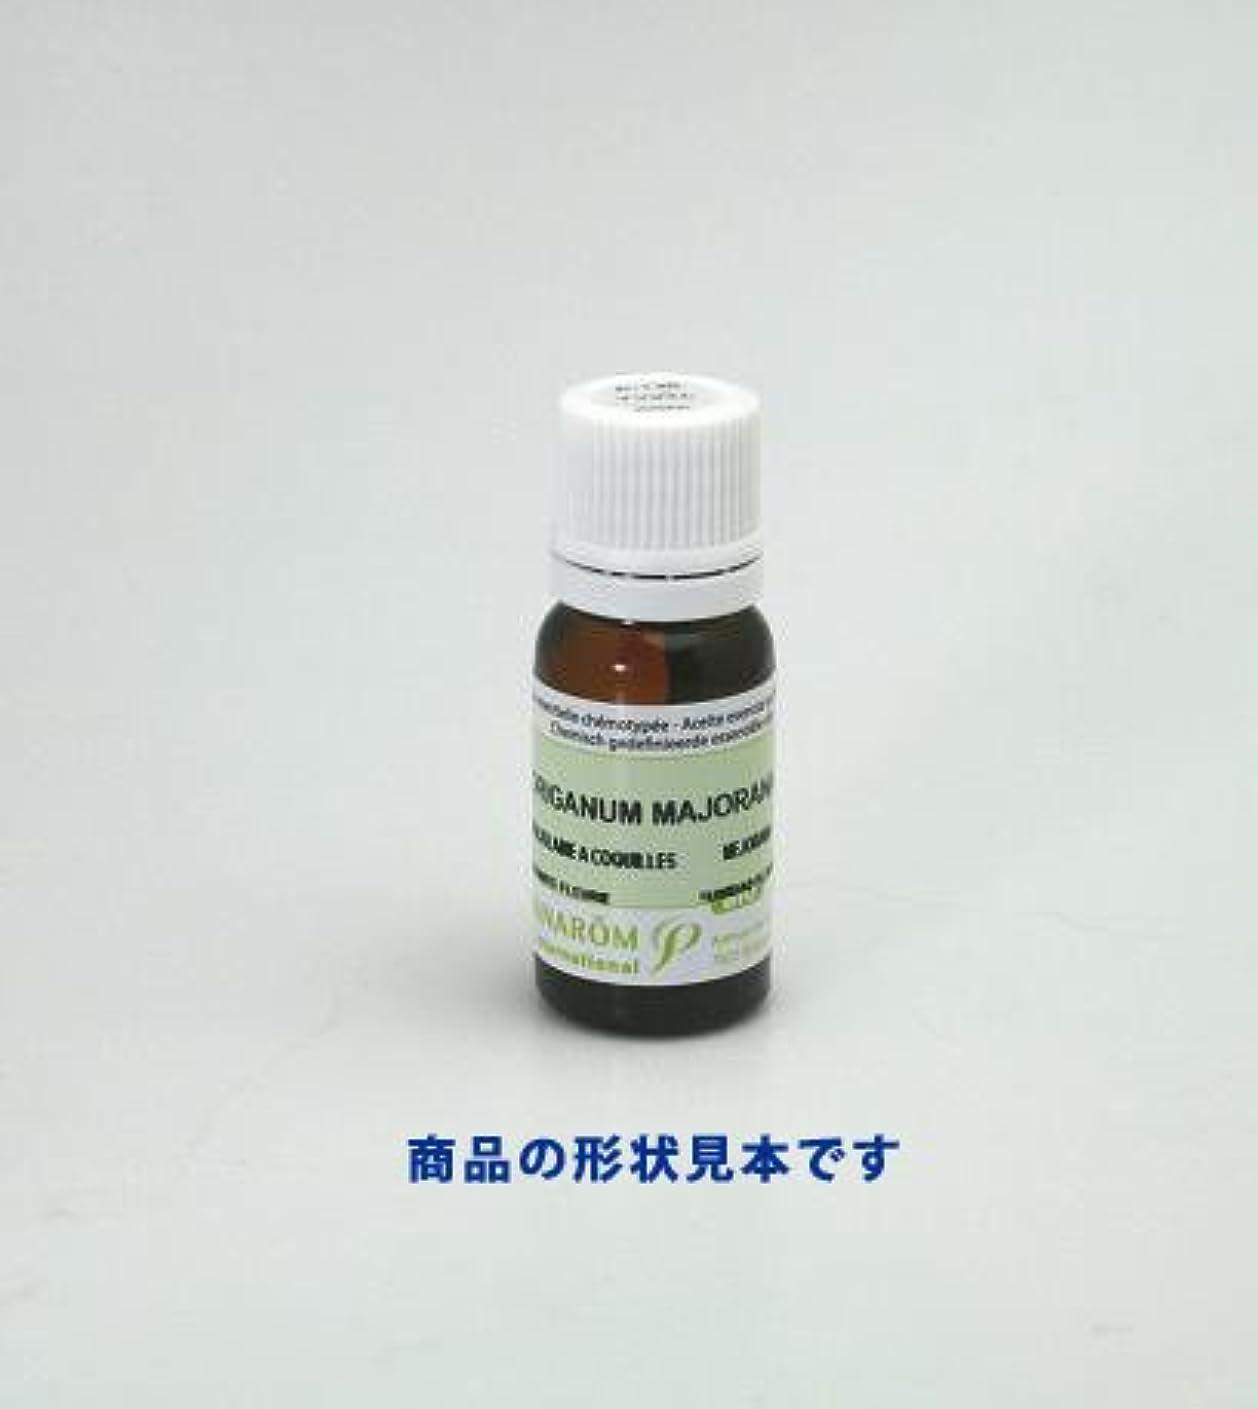 の中で中性ミスプラナロム社製精油:P-116 アルベンシスミント